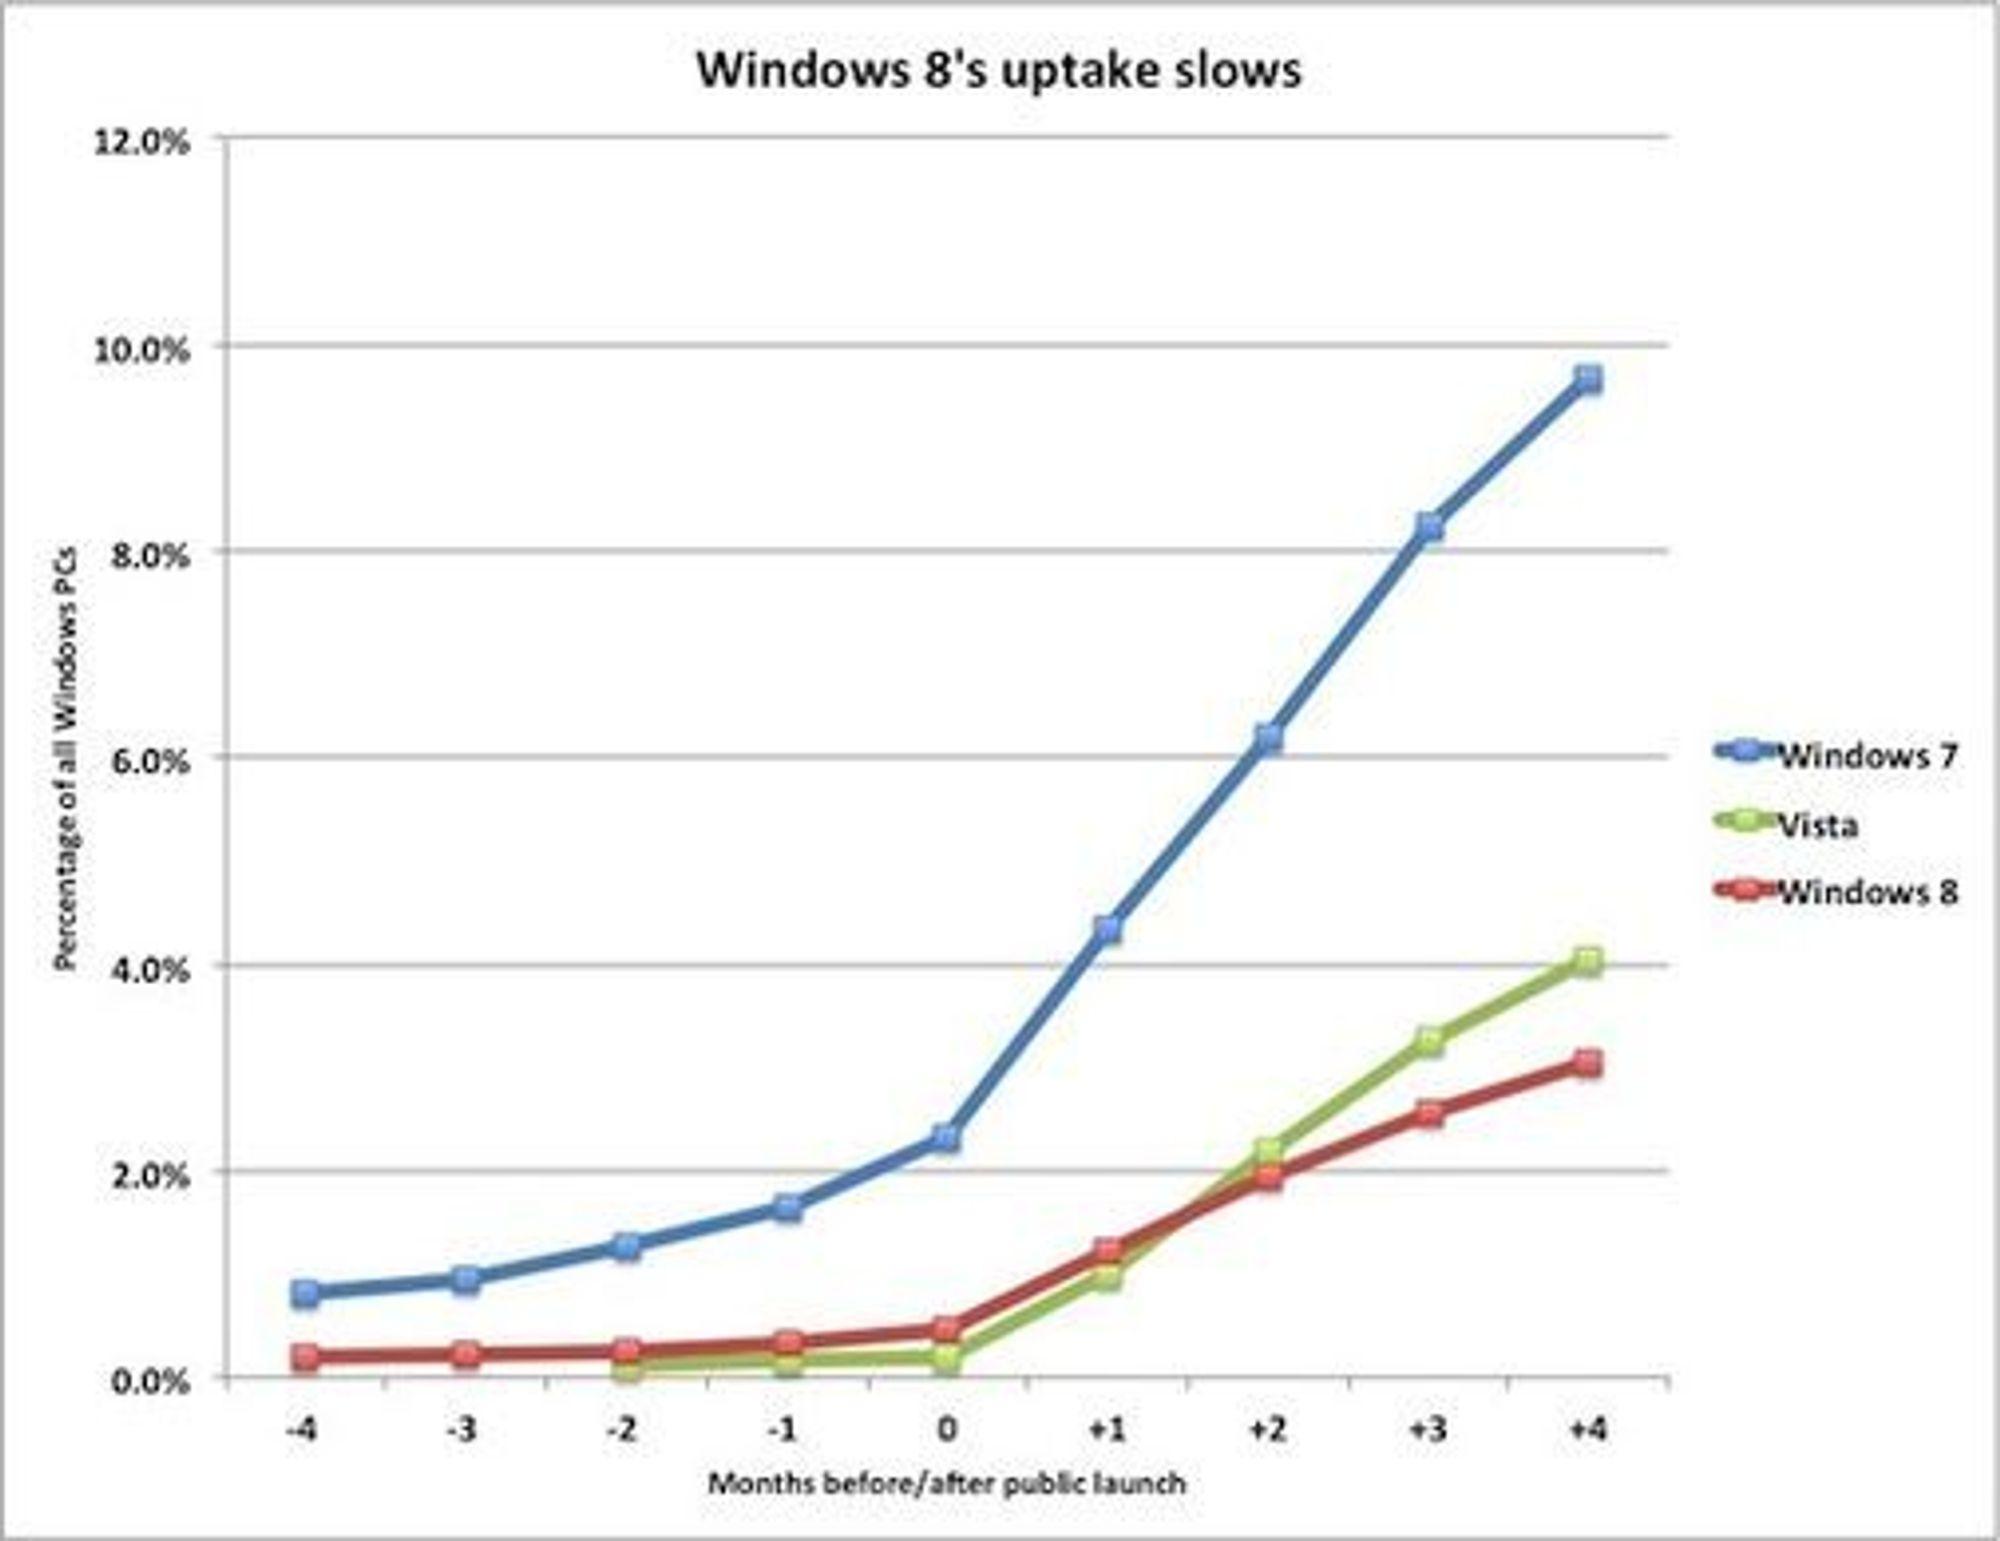 Grafren viser med all tydelighet den labre interessen for Windows 8 i markedet.